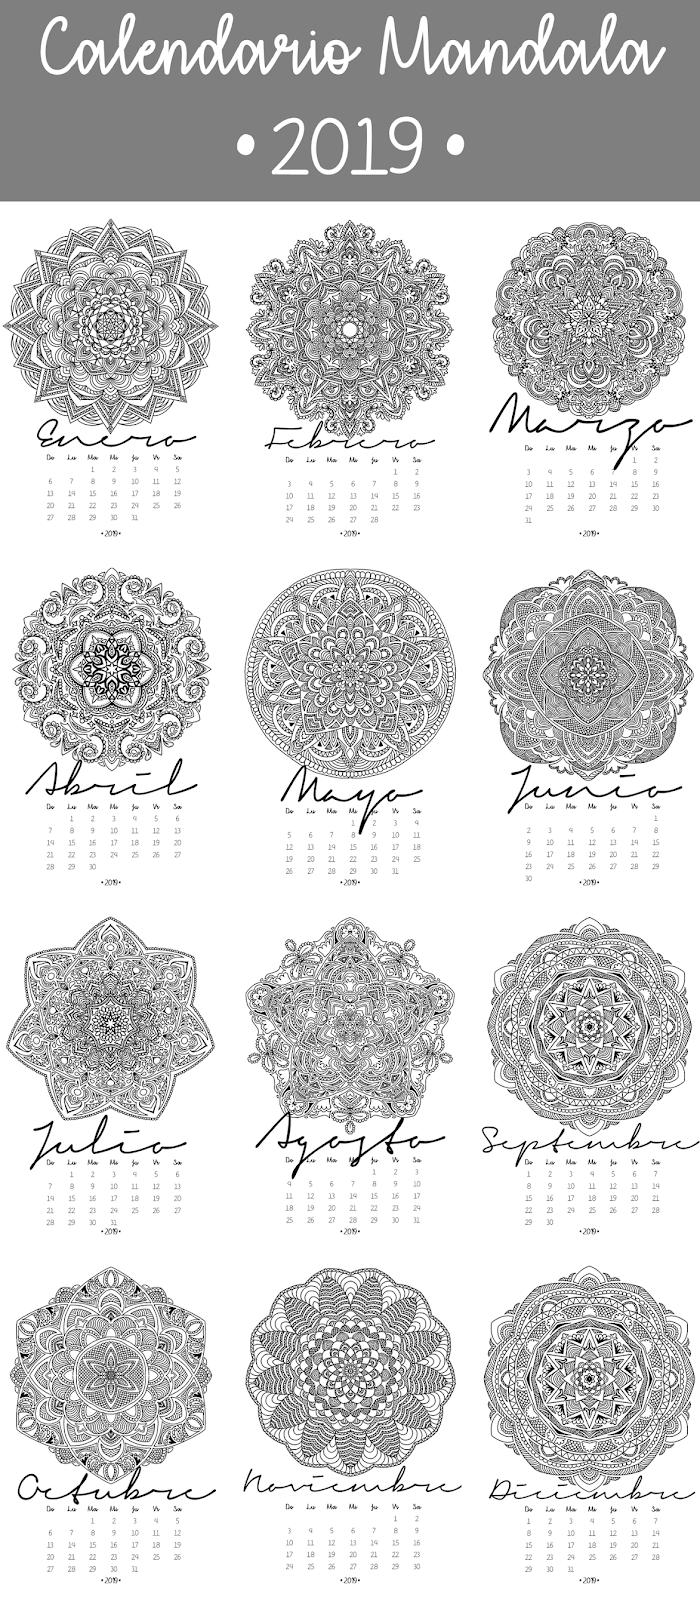 Calendario 2019 Para Colorear.Es Calendario Mandala 2019